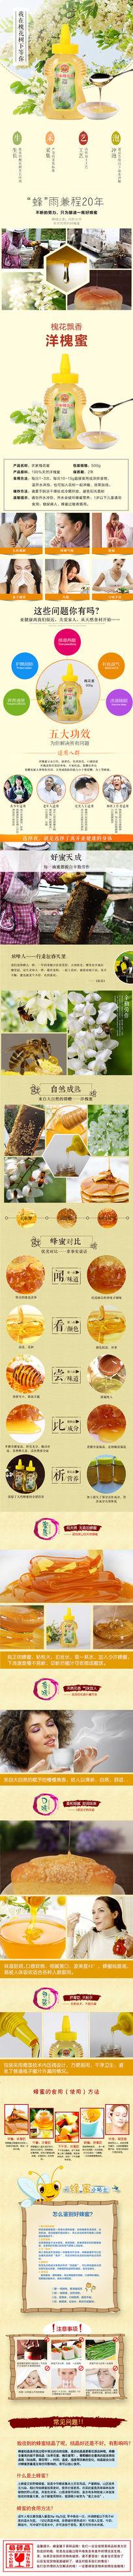 淘宝蜂蜜淘宝详情页